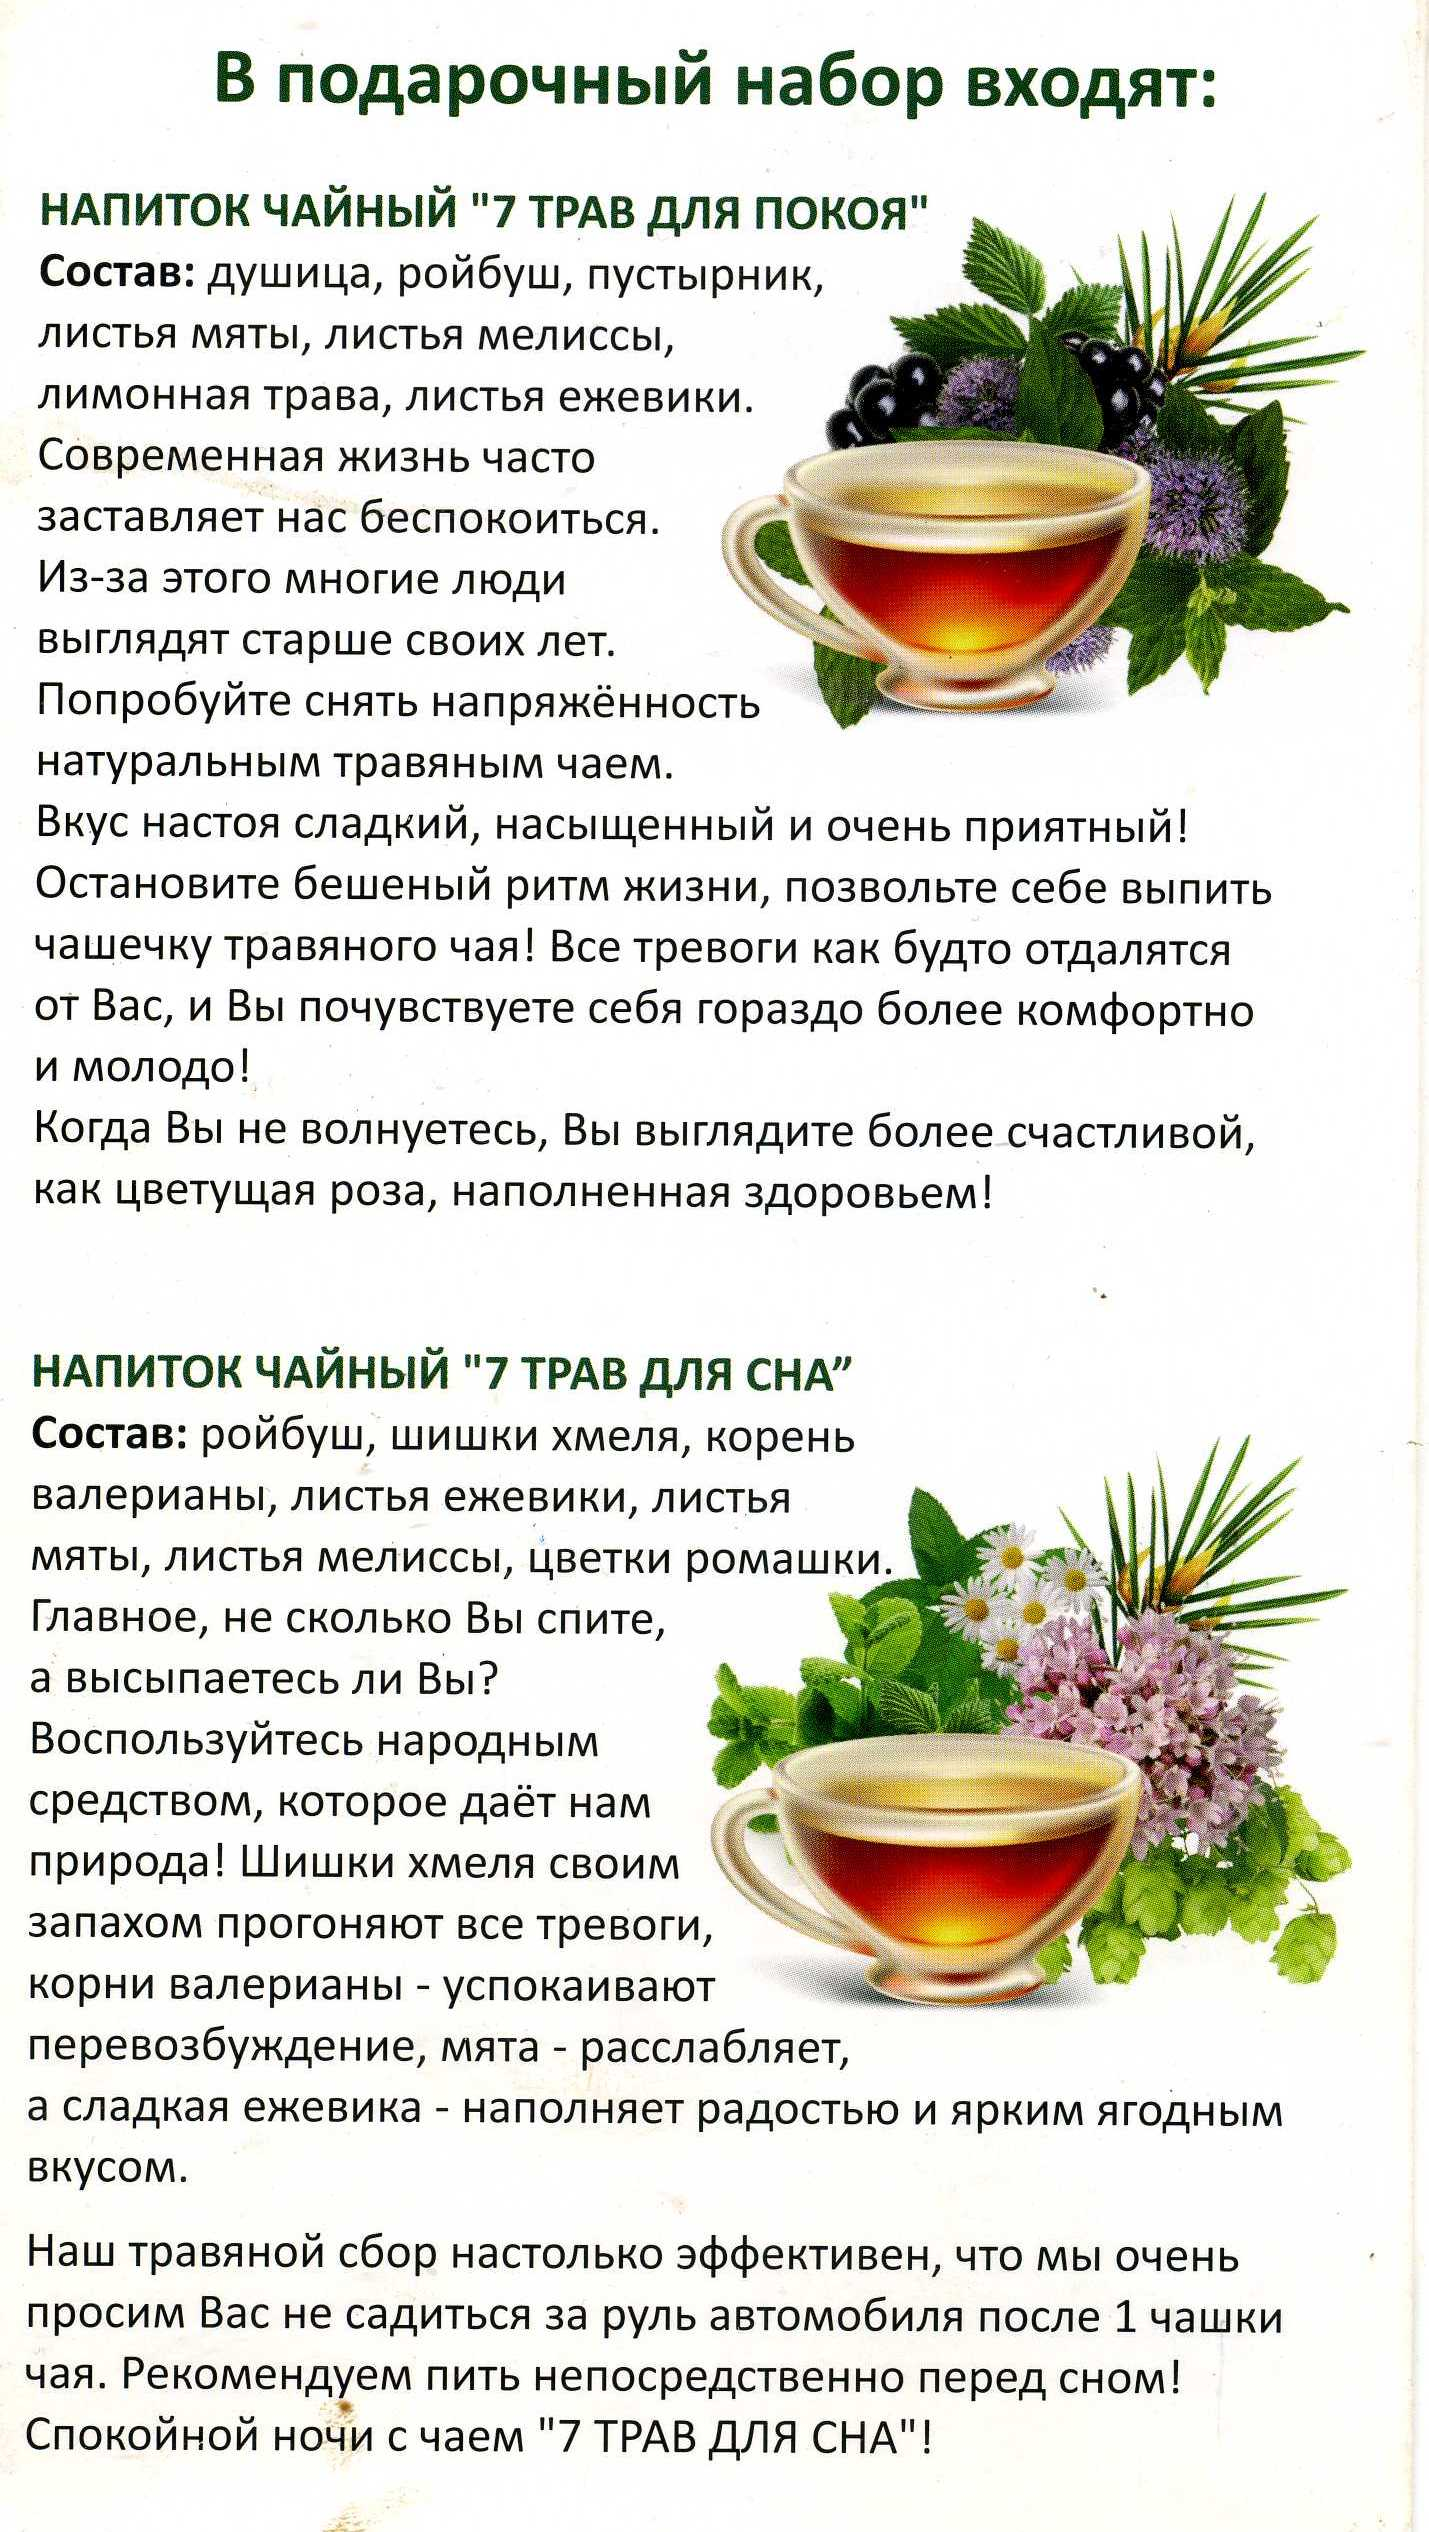 Травяной чай чем полезен